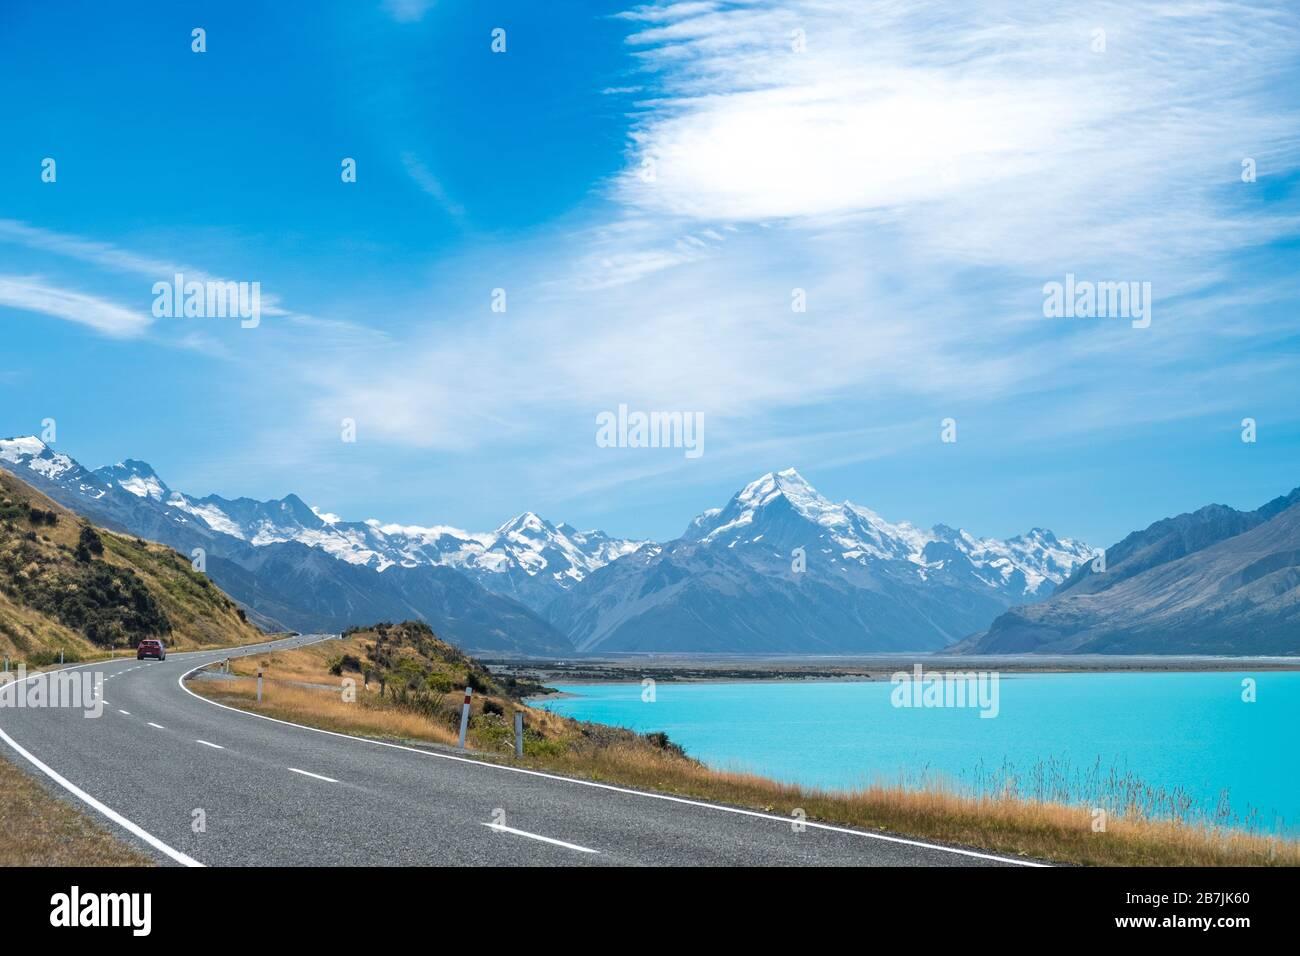 Carretera y Lago Pukaki mirando hacia el Parque Nacional Mount Cook , Isla Sur, Nueva Zelanda Foto de stock